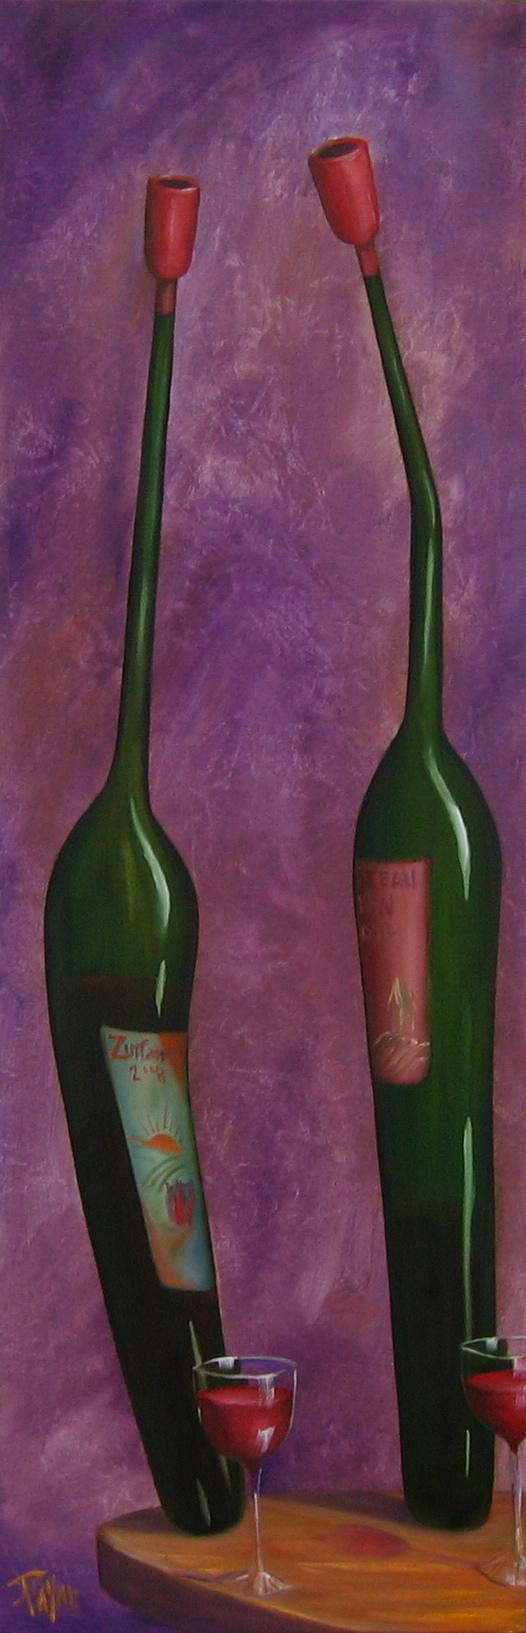 Wine Violet